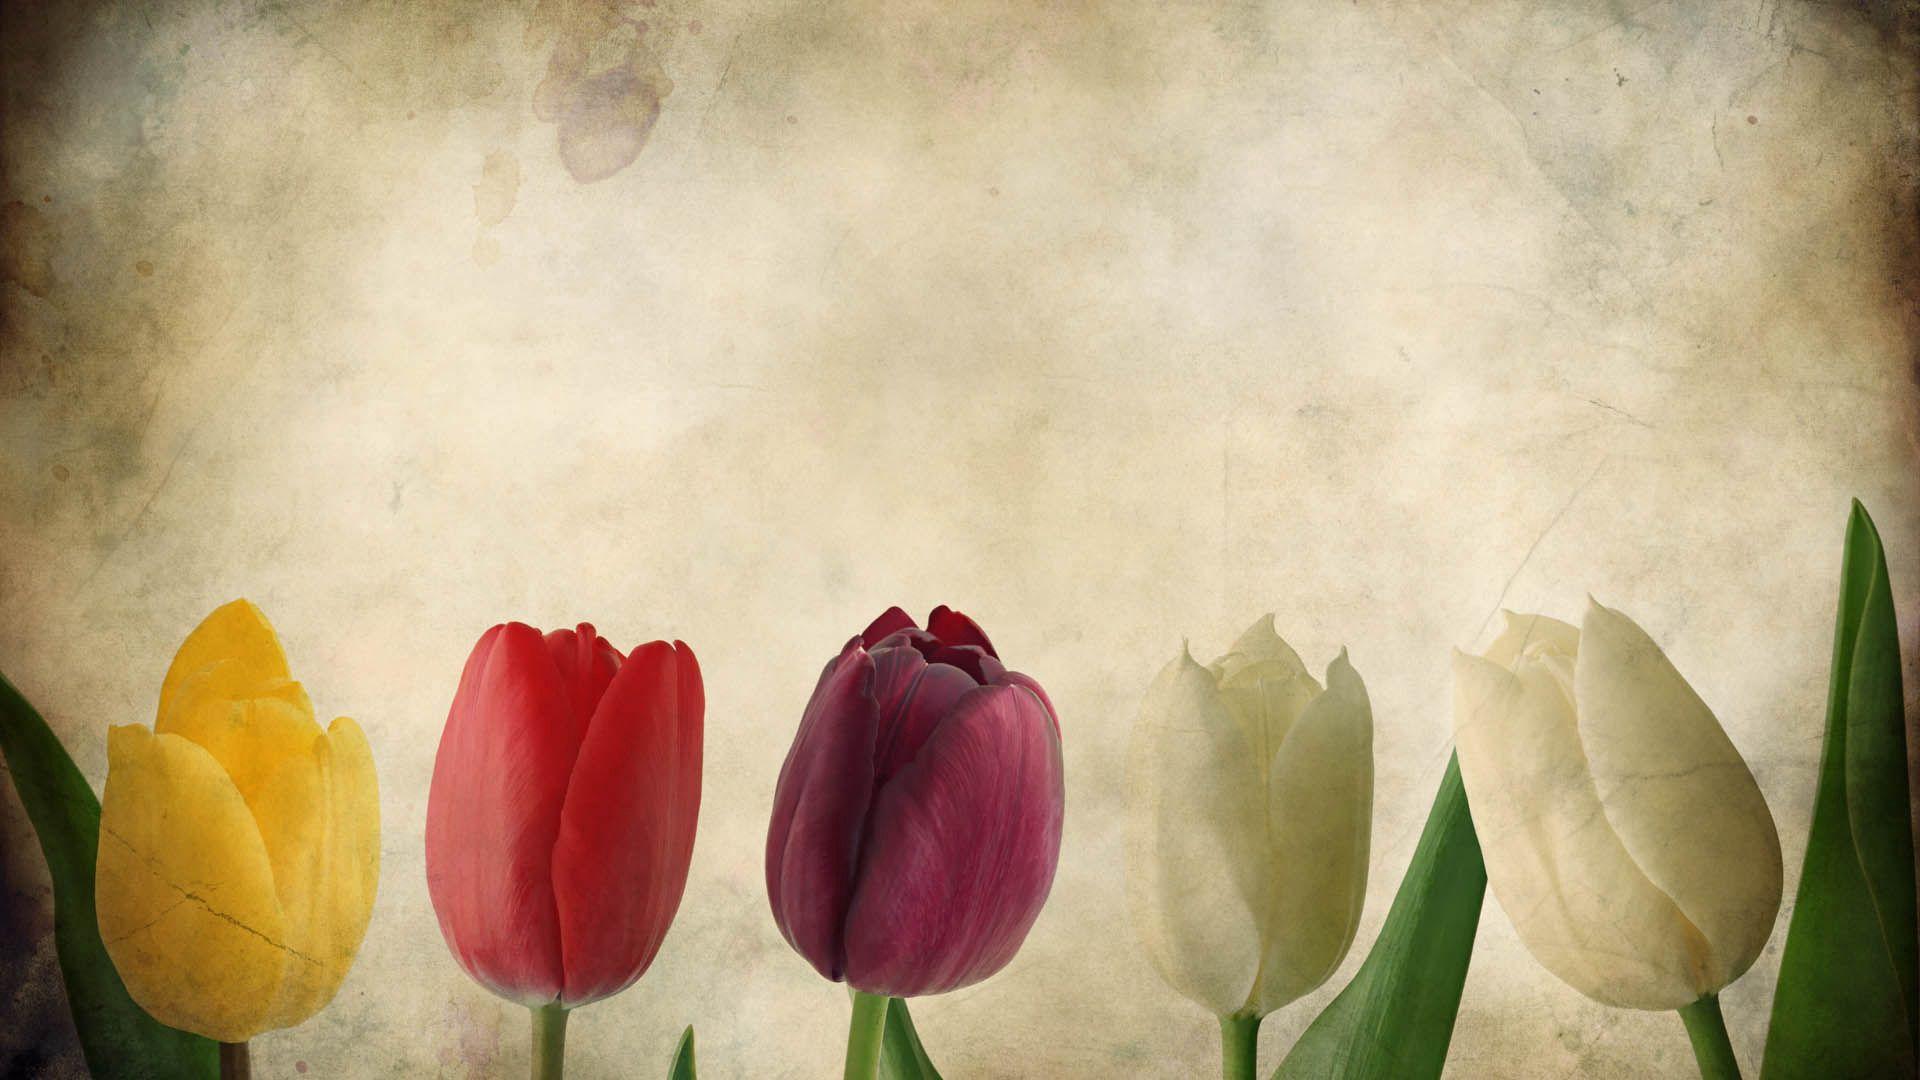 138798 скачать обои Цветы, Лепестки, Фон, Тюльпаны - заставки и картинки бесплатно